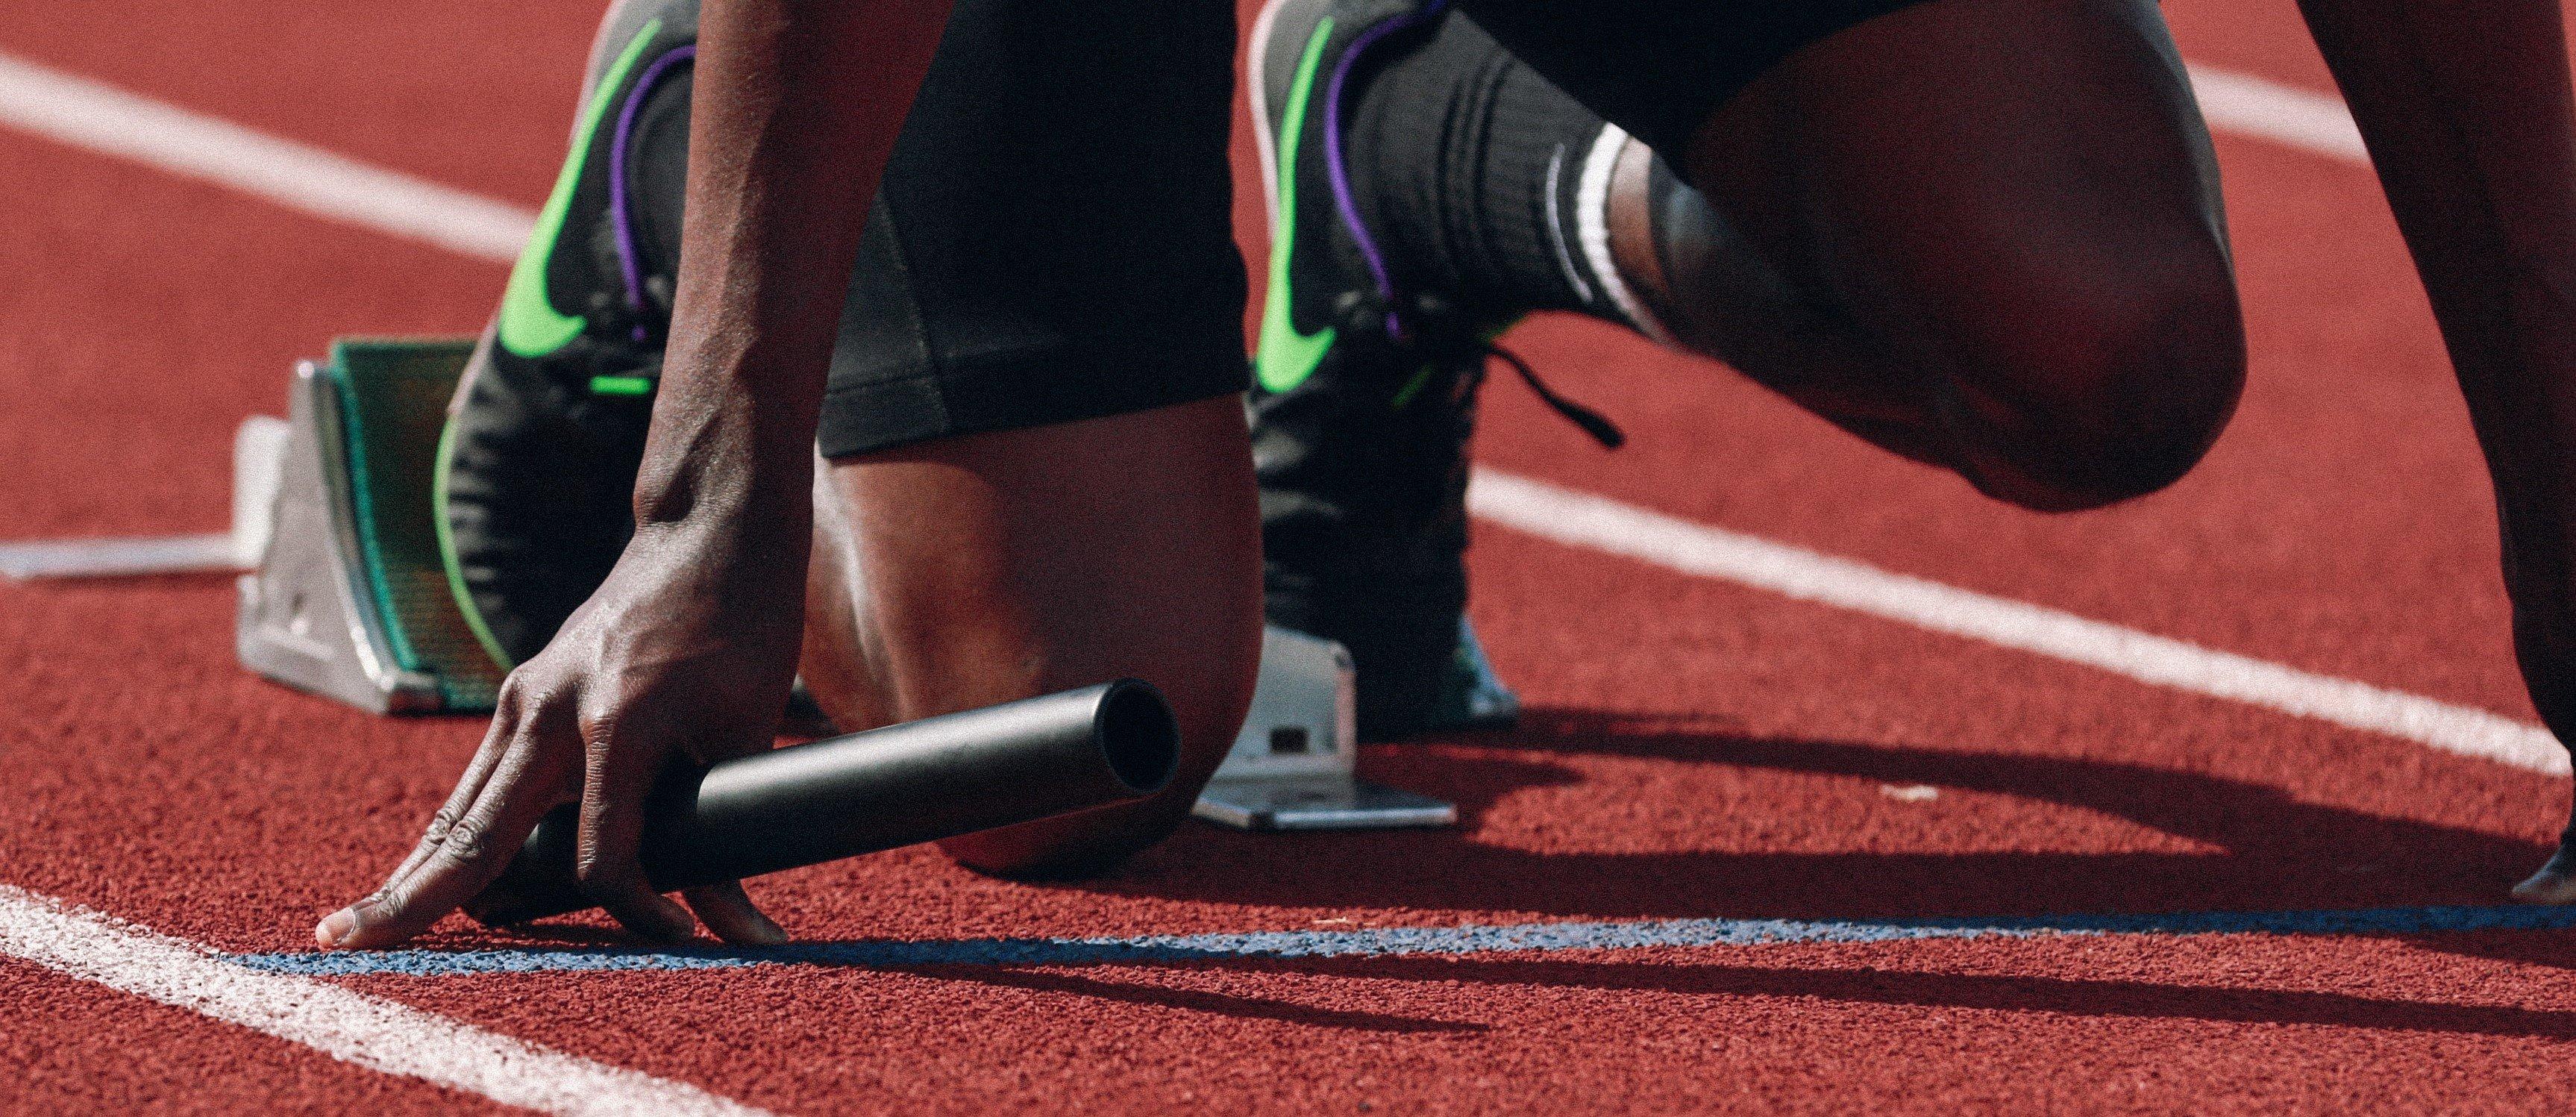 running start banner - braden-collum-9HI8UJMSdZA-unsplash